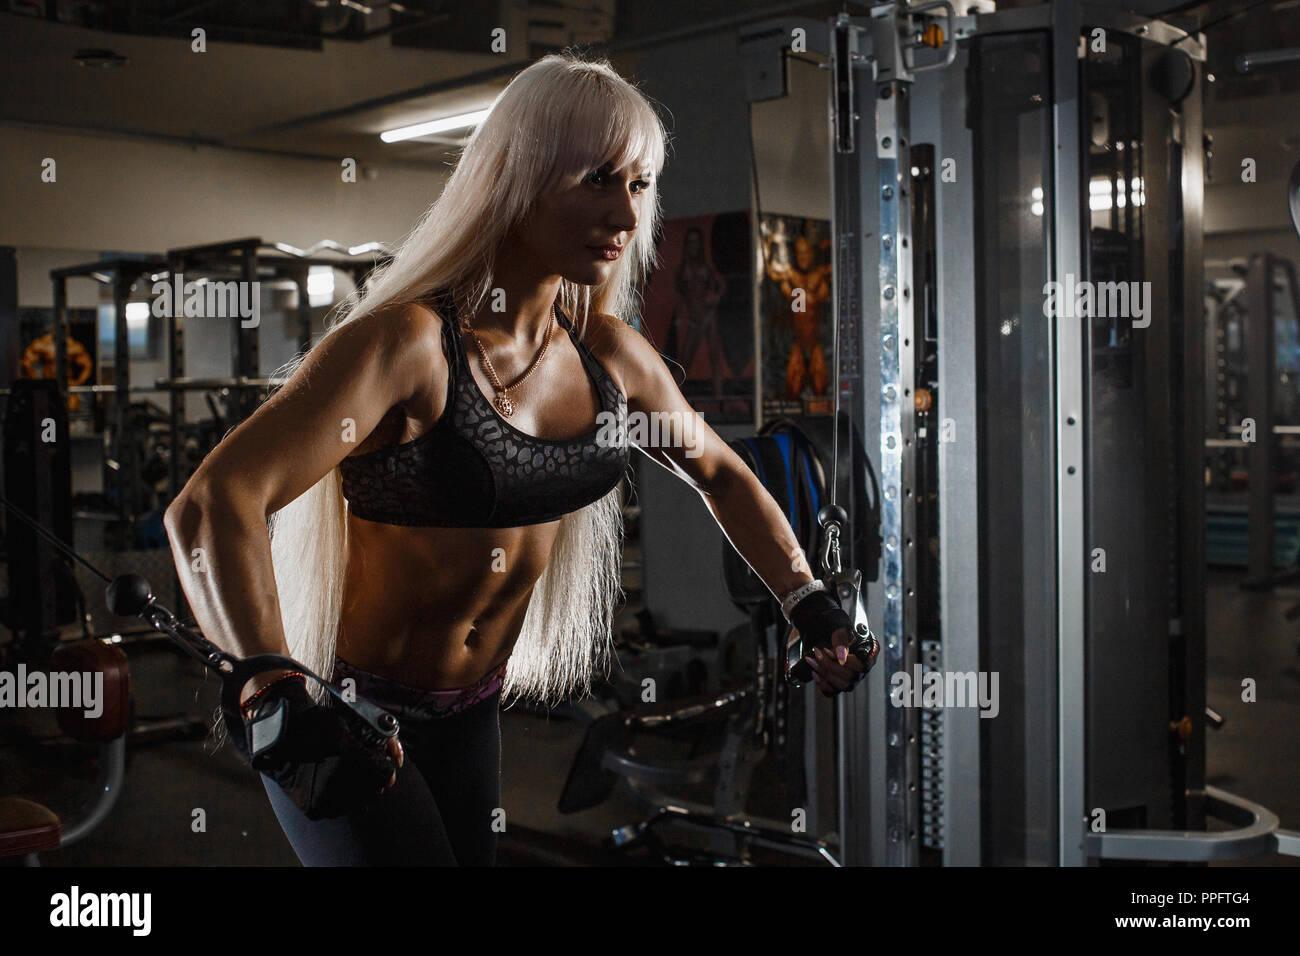 Les jeunes de la formation sportive musculaire avec simulateur de bloc en salle de sport, de travailler dur pour les muscles des bras forts. Jeune fille à la recherche de l'avant la poussée des mains sur les côtés. Sid Banque D'Images